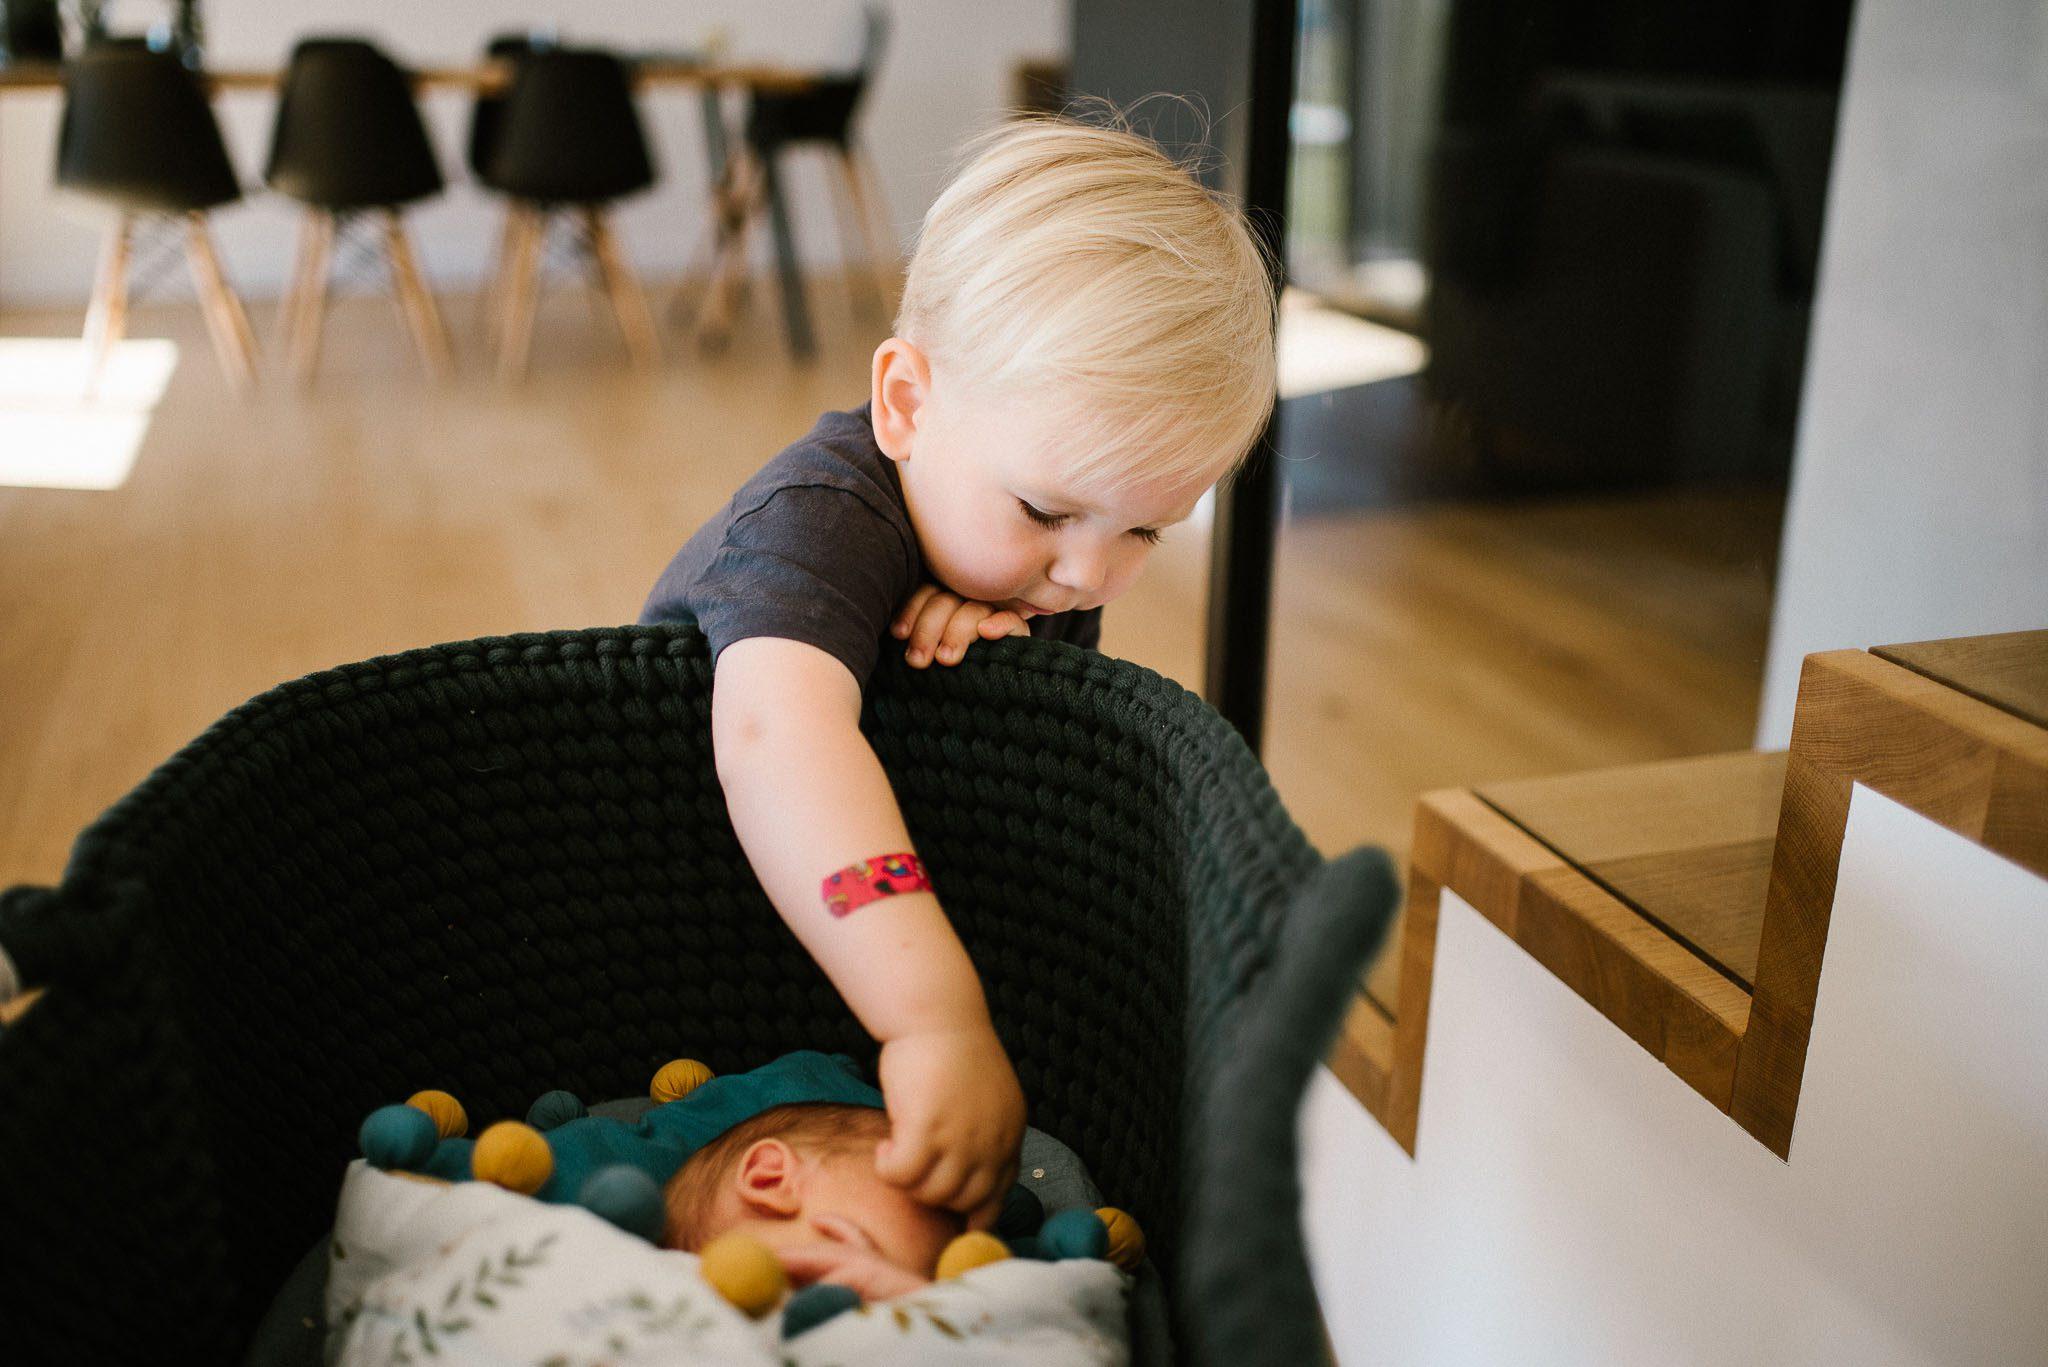 Chłopiec podchodzi do łóżeczka, w którym leży noworodek - sesja noworodkowa lifestyle w Poznaniu